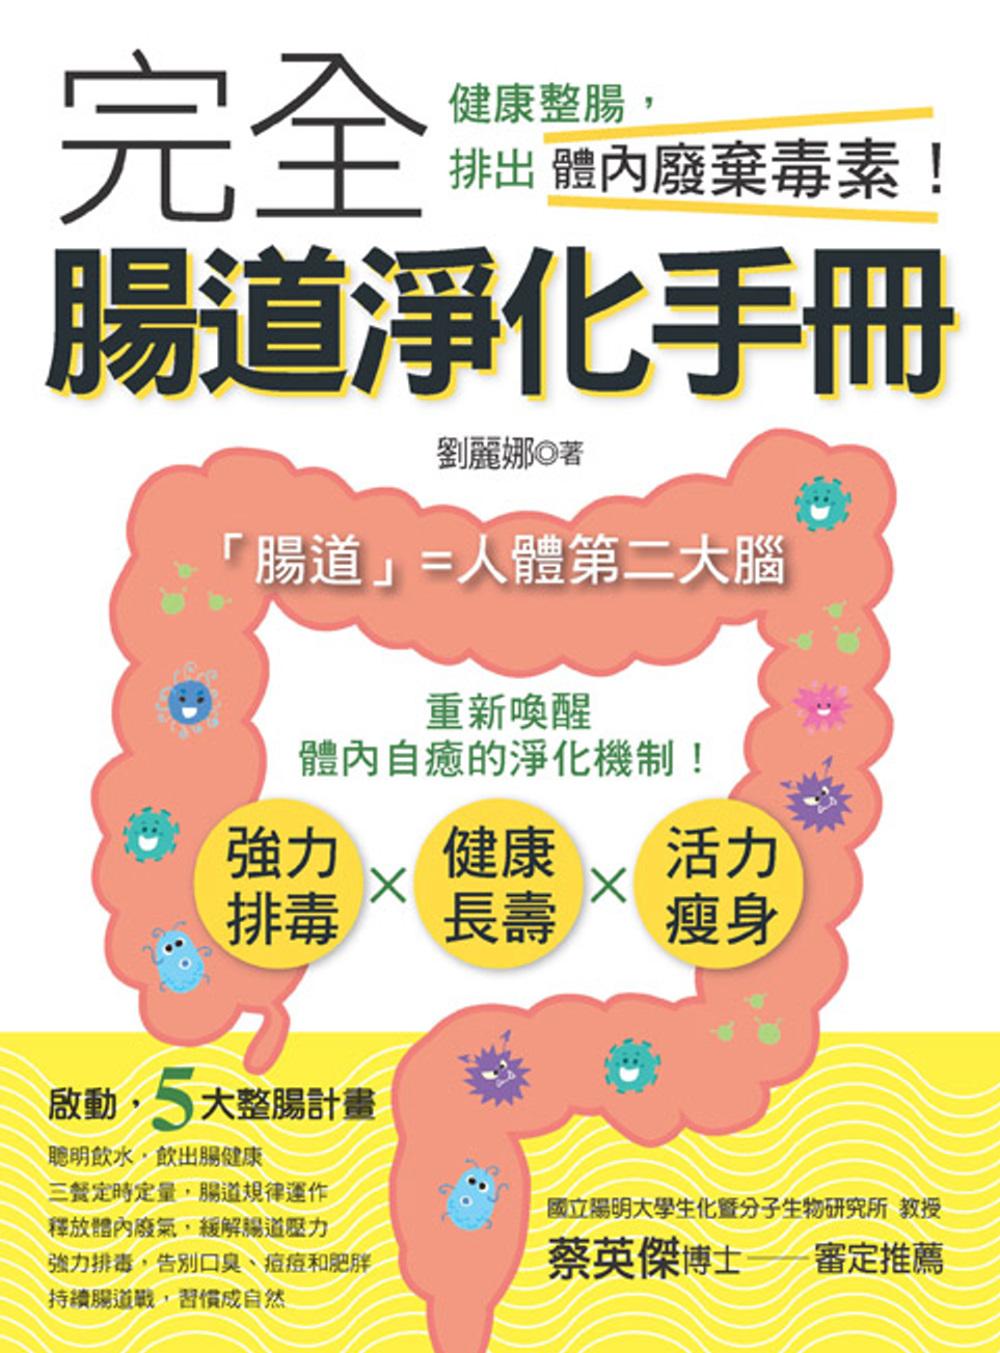 完全腸道淨化手冊:健康整腸,排出體內廢棄毒素!